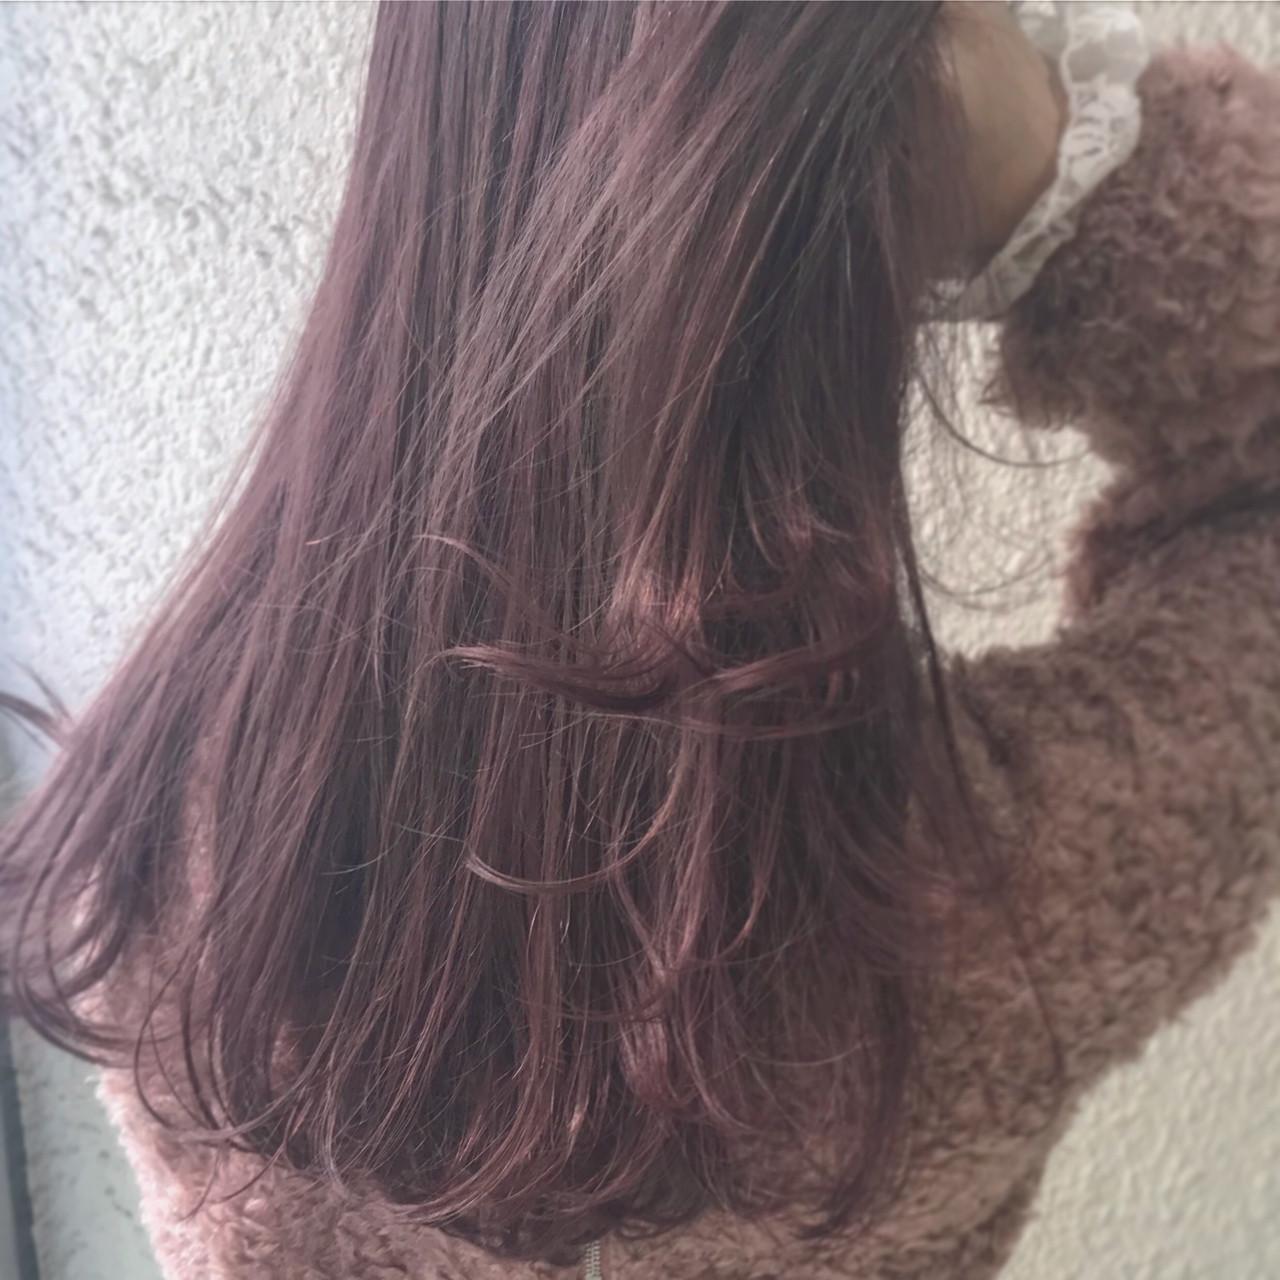 成人式 ロング ヘアアレンジ ゆるふわ ヘアスタイルや髪型の写真・画像 | 深川裕介 / hitsuji